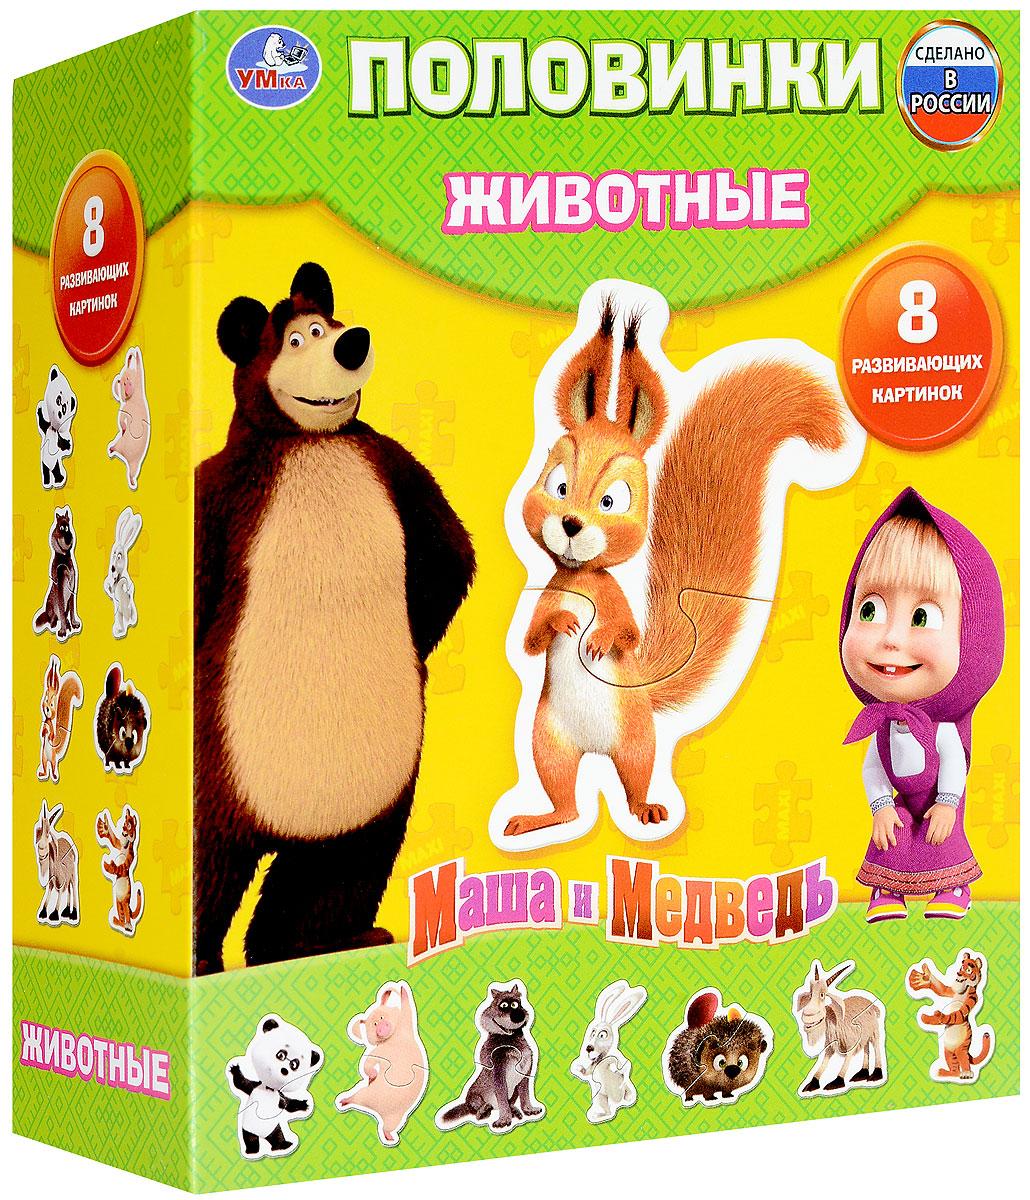 Умка Пазл для малышей Маша и Медведь Животные 8 в 14690590085301Пазл для малышей Умка Маша и Медведь. Животные придется по душе вашему малышу. Набор включает в себя 8 пазлов, состоящих из двух элементов. Собрав 8 пазлов, вы получите картинки с изображением очаровательных животных - зайца, ежа, тигра, панды, волка, белки, козы и хрюши. Пазл - великолепная игра для семейного досуга. Сегодня собирание пазлов стало особенно популярным, главным образом, благодаря своей многообразной тематике, способной удовлетворить самый взыскательный вкус. Для детей это не только интересно, но и полезно. Пазл научит ребенка усидчивости, умению доводить начатое дело до конца, поможет развить внимание, память, образное и логическое мышления, сенсорно-моторную координацию движения рук. В дальнейшем хорошая координация движений рук поможет ребенку легко овладеть письмом.